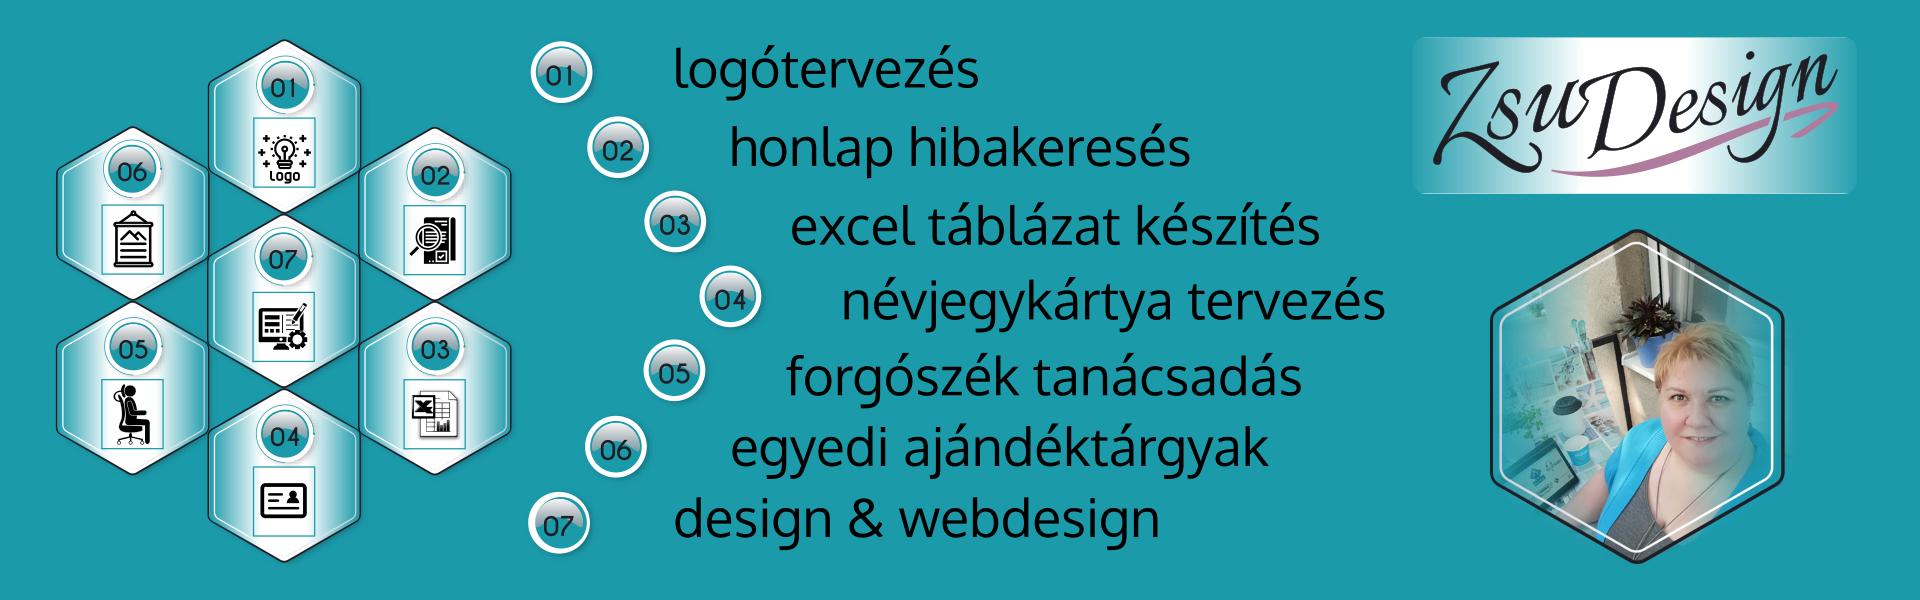 zsudesign.hu borítókép